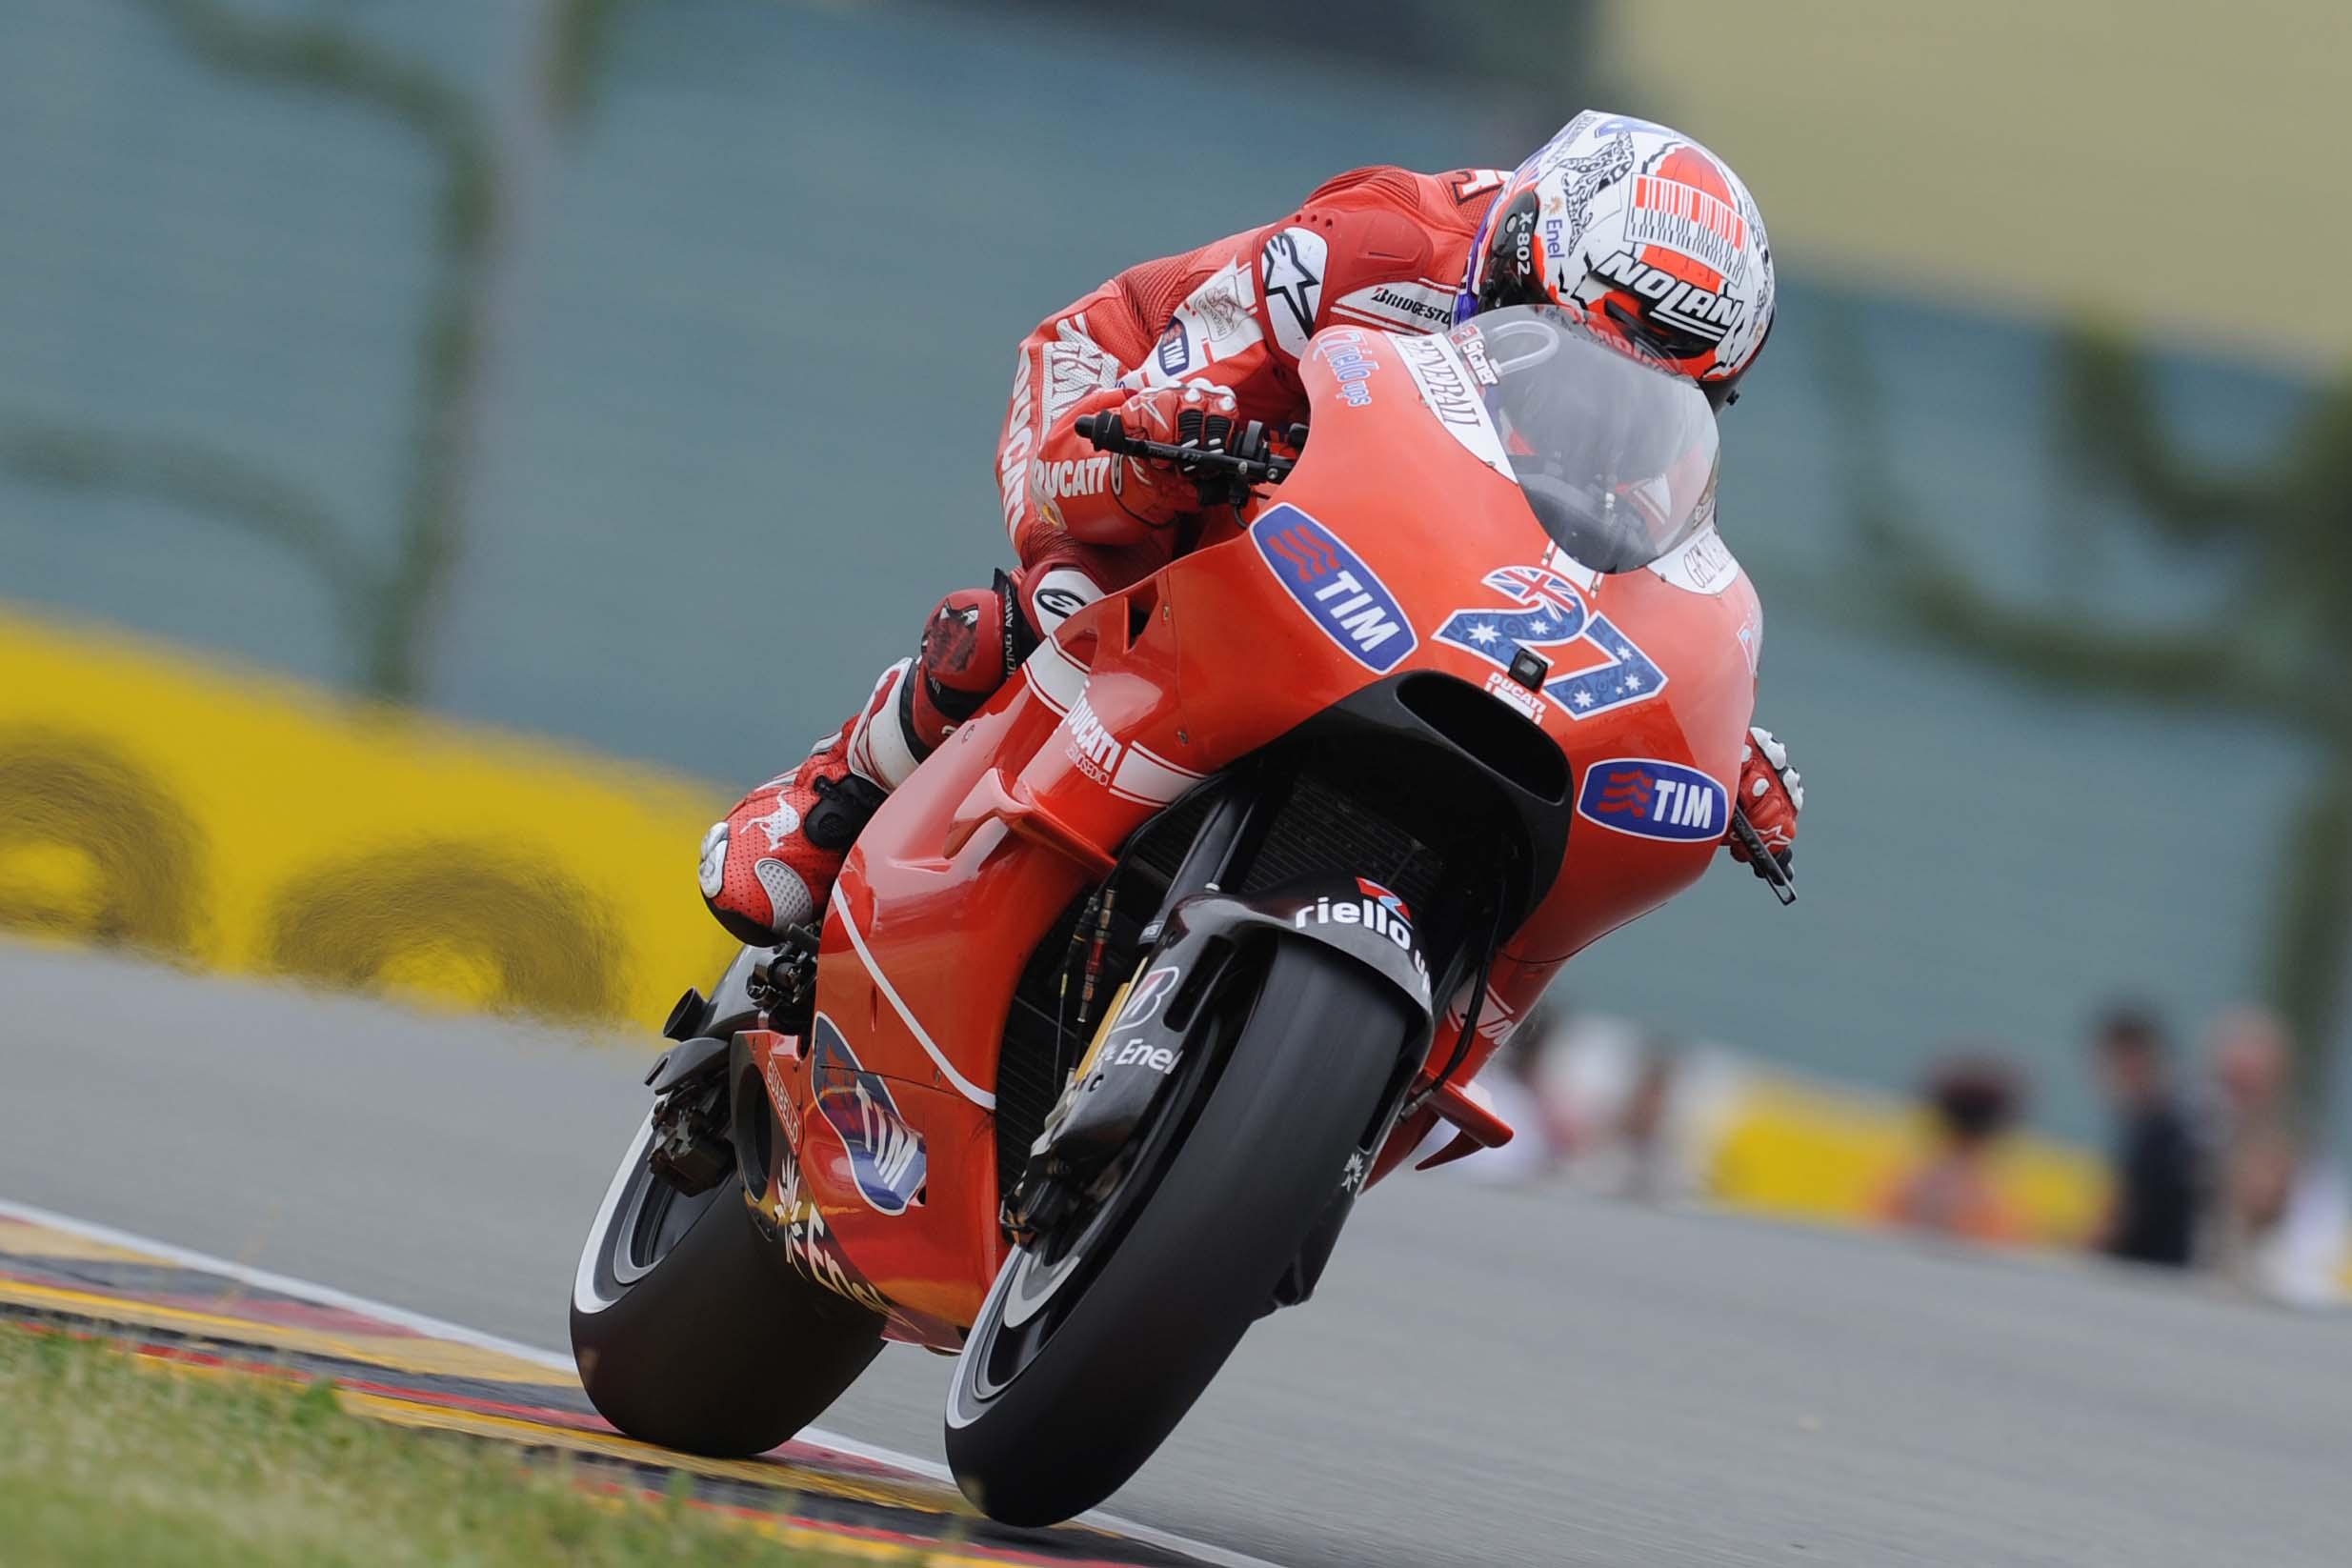 Ducati Desmosedici Gets Wings for Sachsenring - Asphalt & Rubber